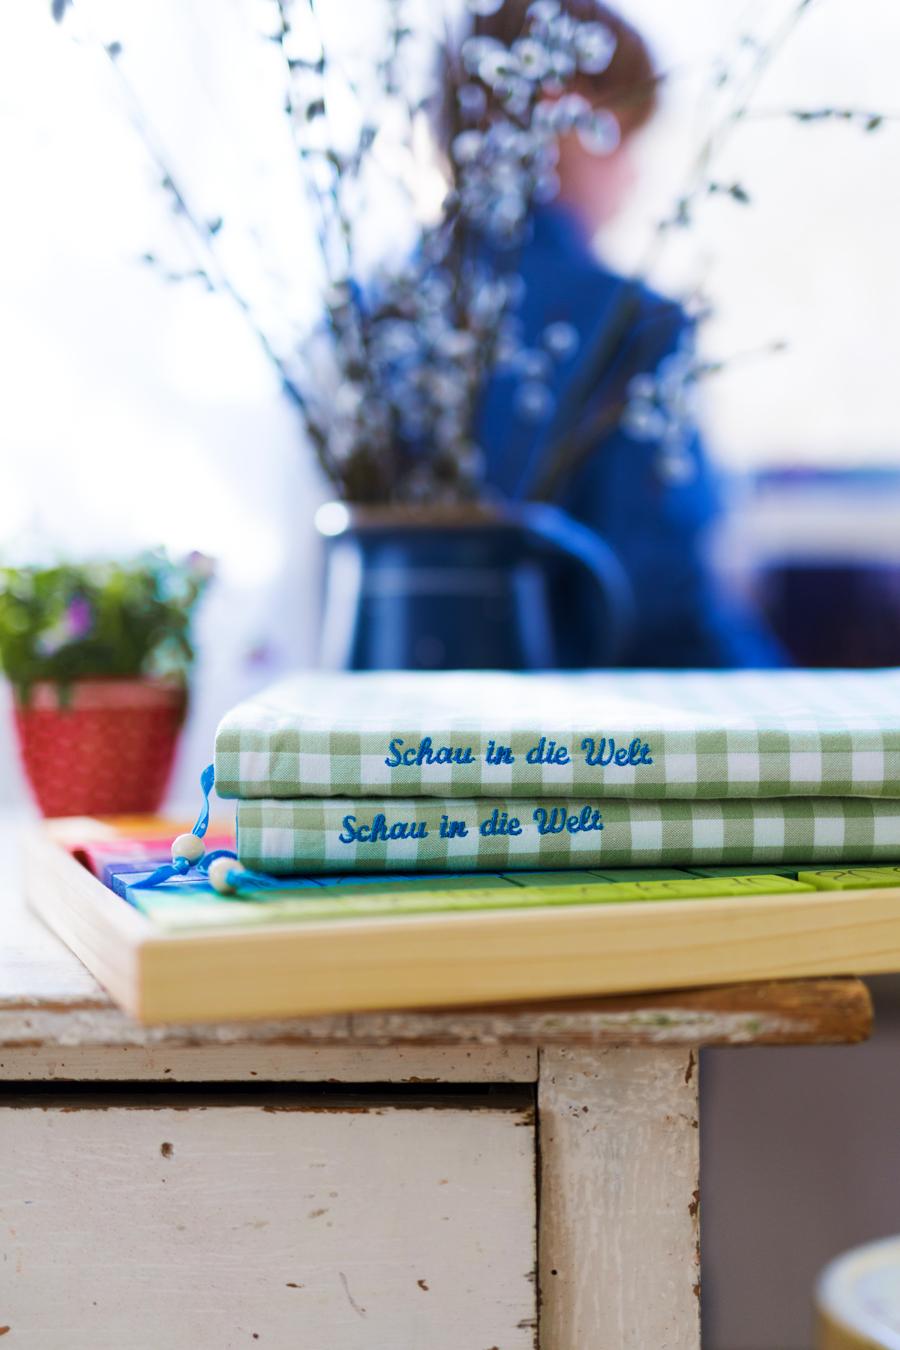 Lesebuch Schau in die Welt, Verlag Geistesleben, Waldorfschule, Waldorf, Bucheinband, bestickt, Stickdatei Meisenprinz, Daniela Drescher, acufactum